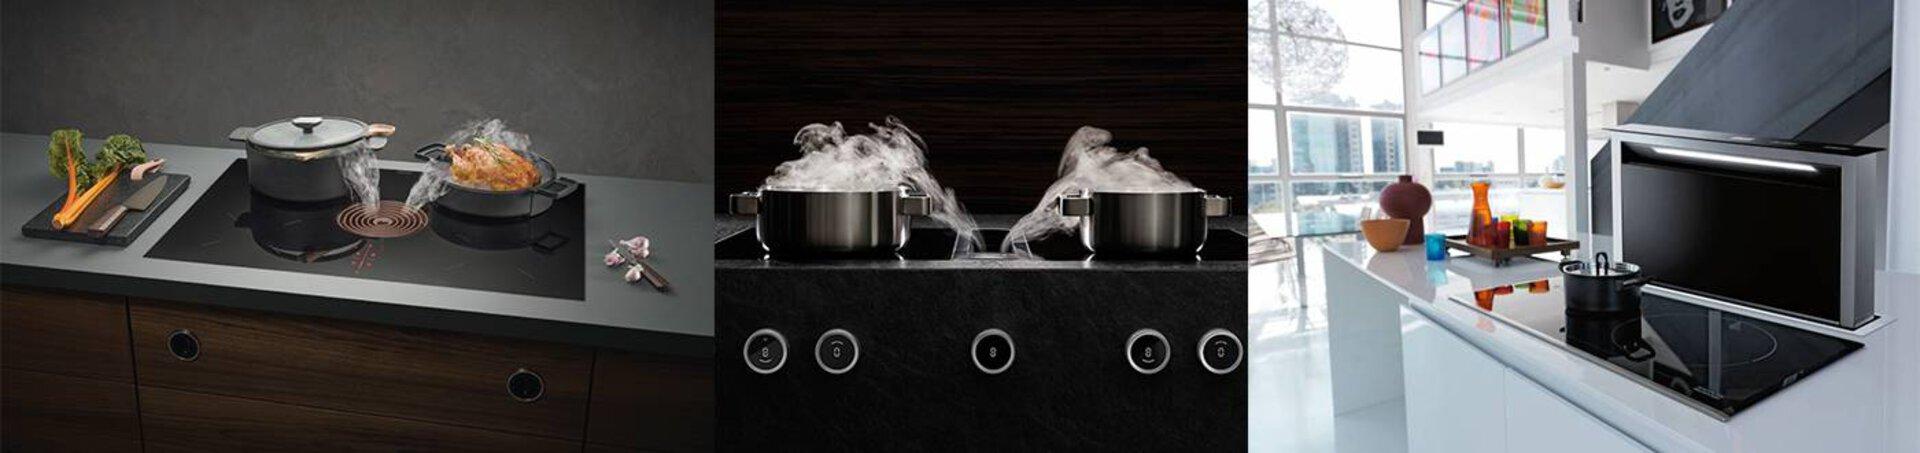 Einbaugeräte im Kochbereich